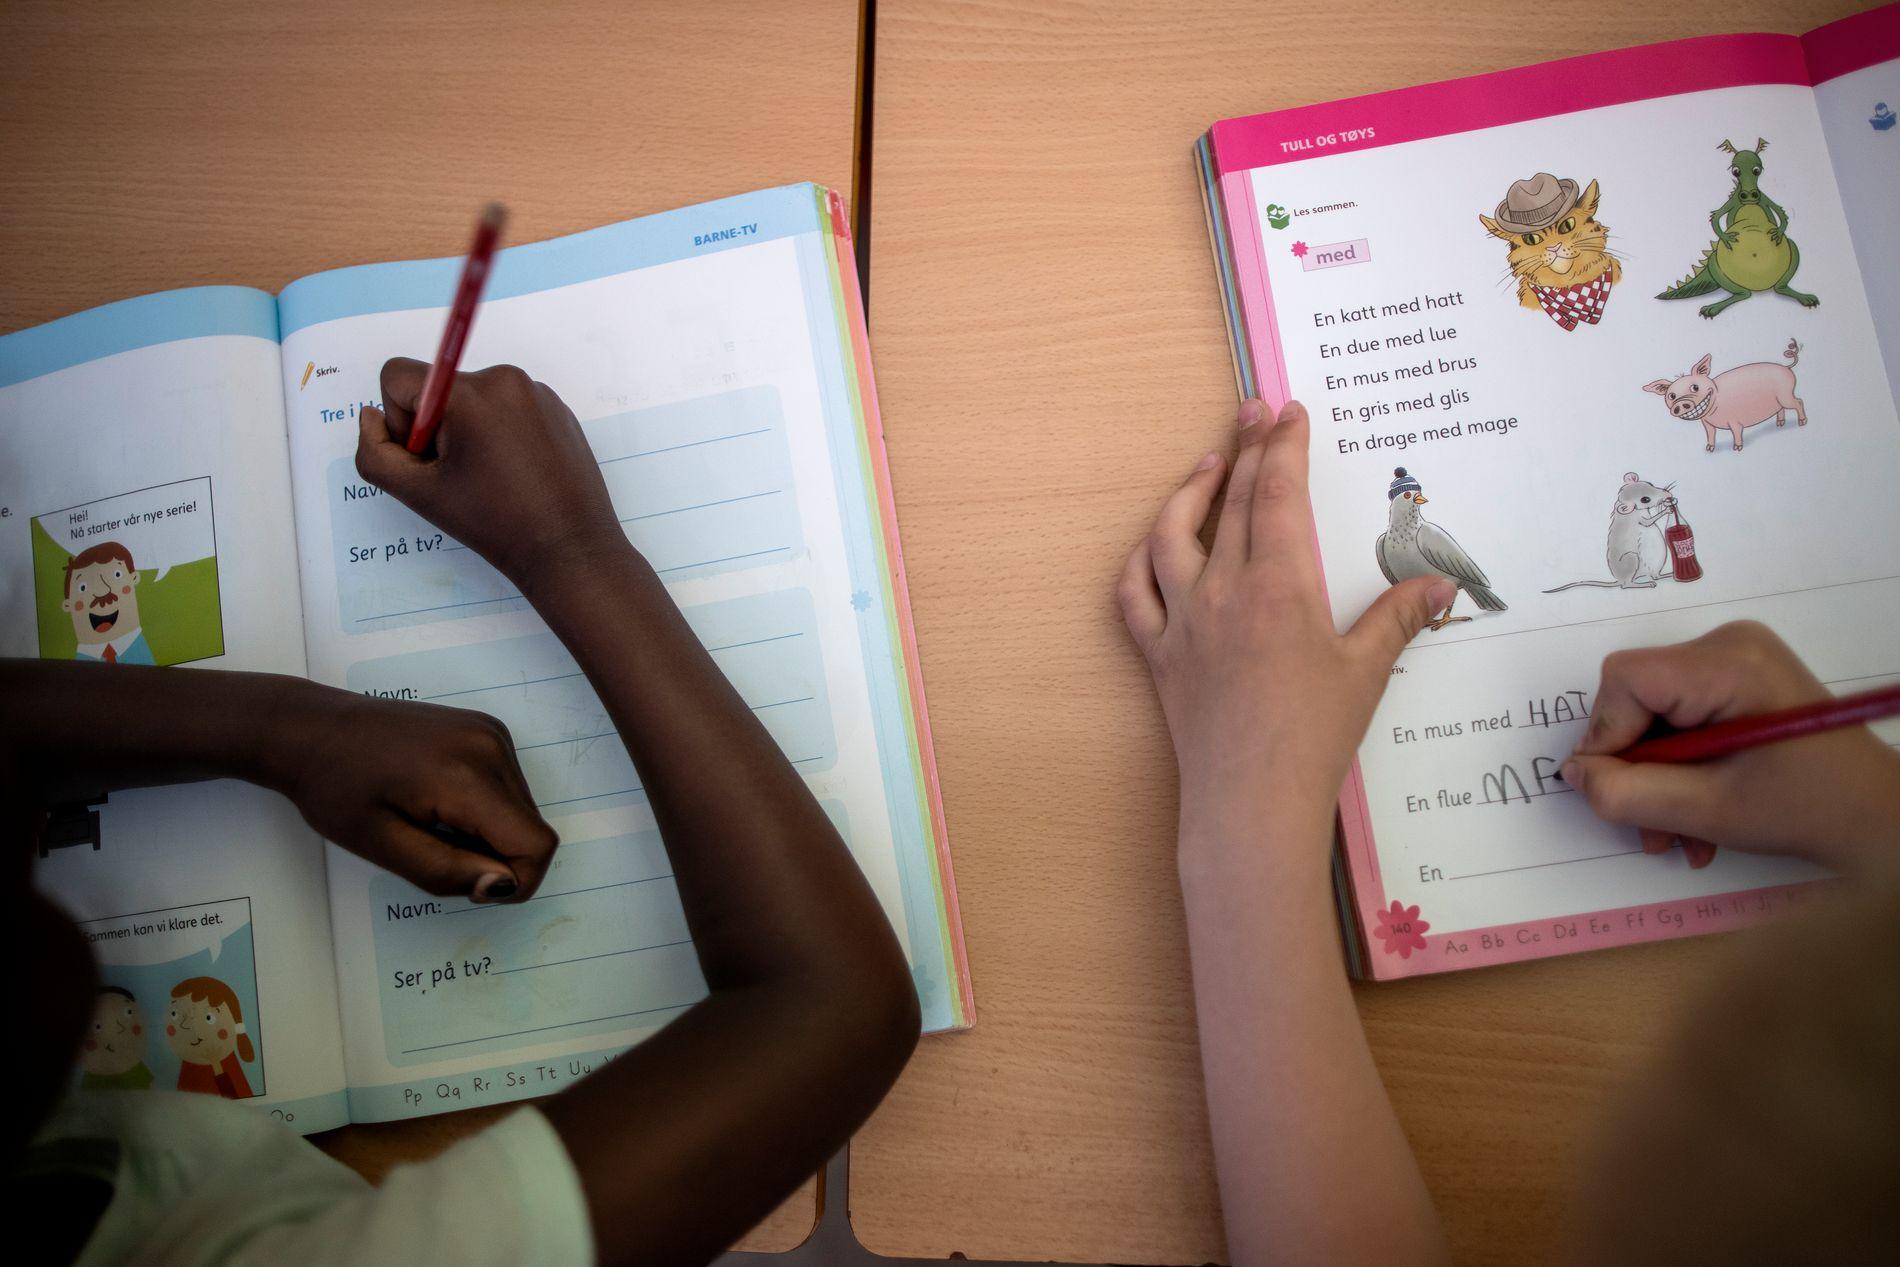 MUS MED HATT? Oppgaver skal løses for elevene i klasse 1a på Hønefoss skole.